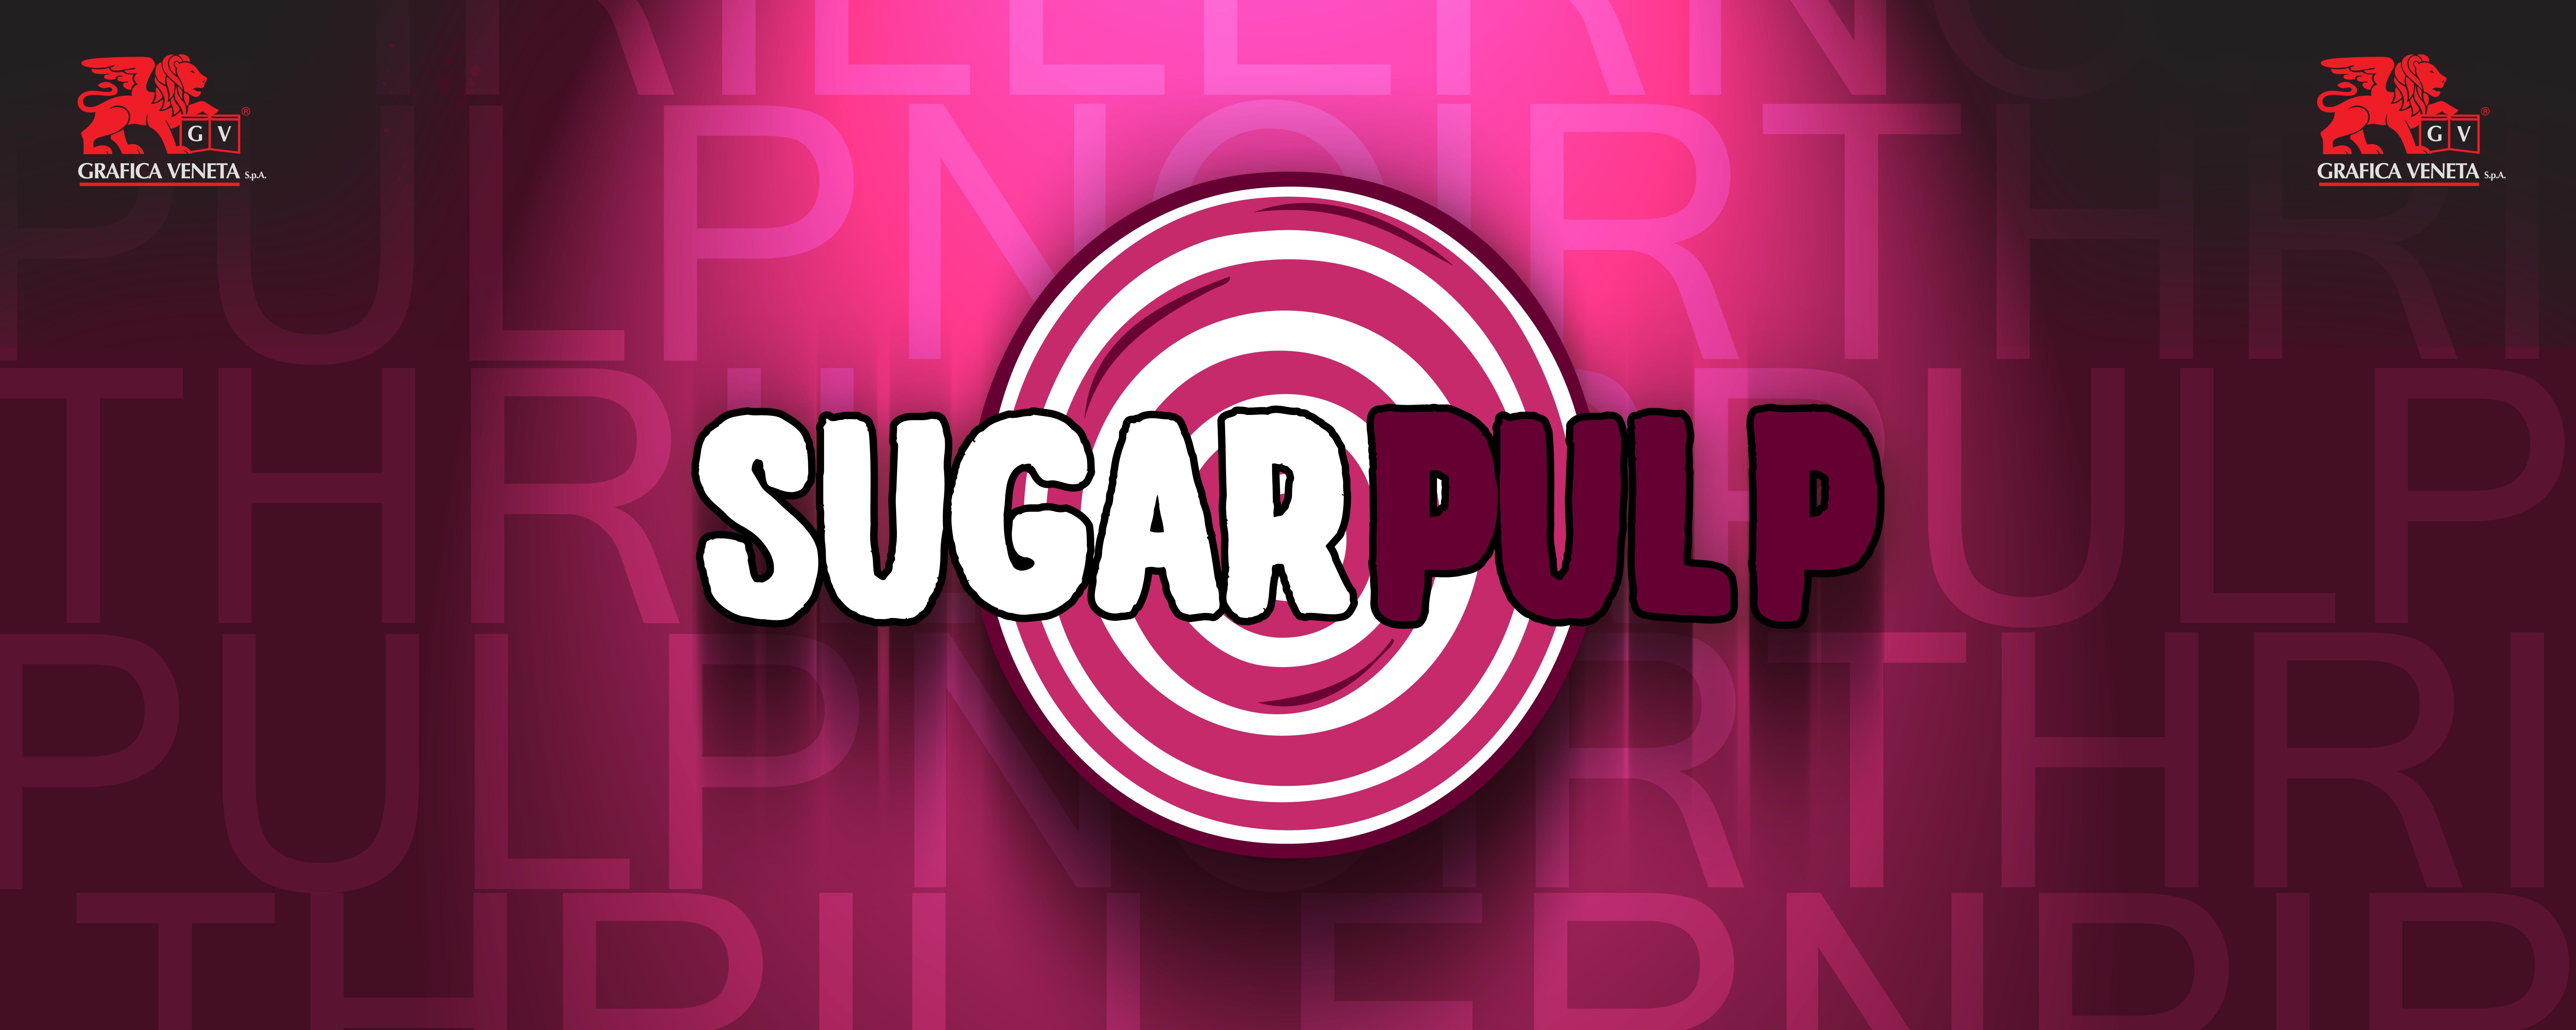 Sugarpulp Festival 2011